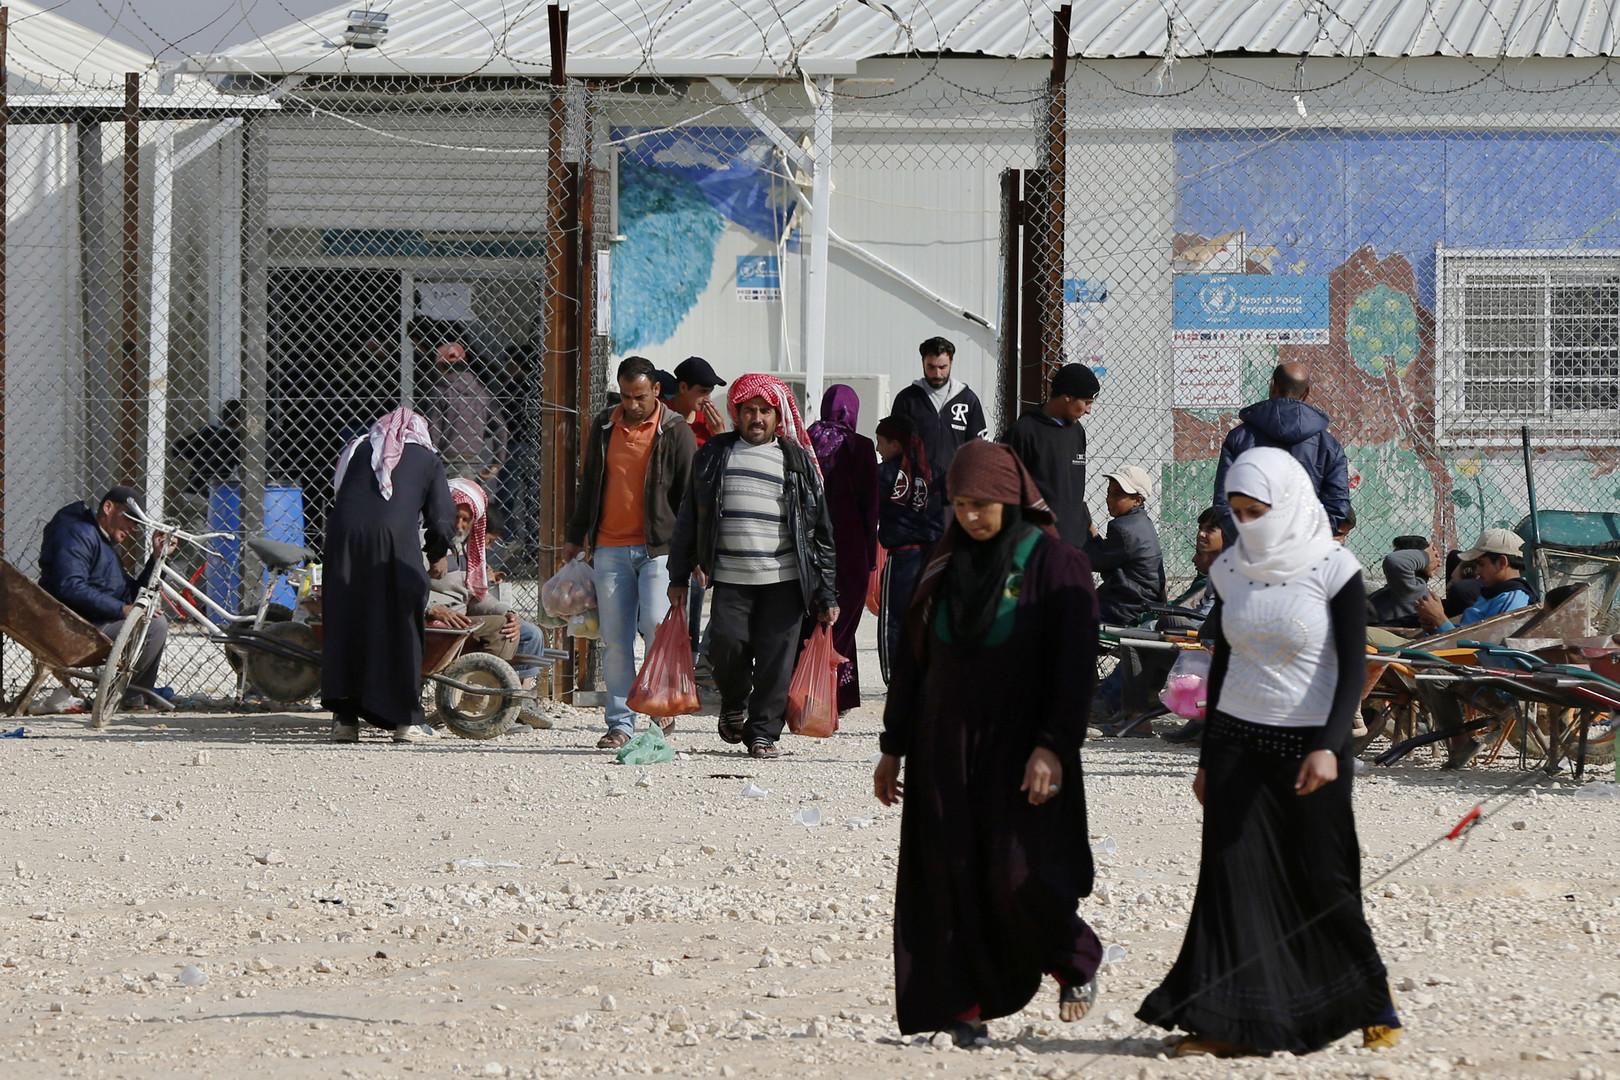 تأجيل دعوى قضائية بشأن إبعاد وترحيل لاجئين سوريين في مصر بحجة انتمائهم لجماعة الإخوان